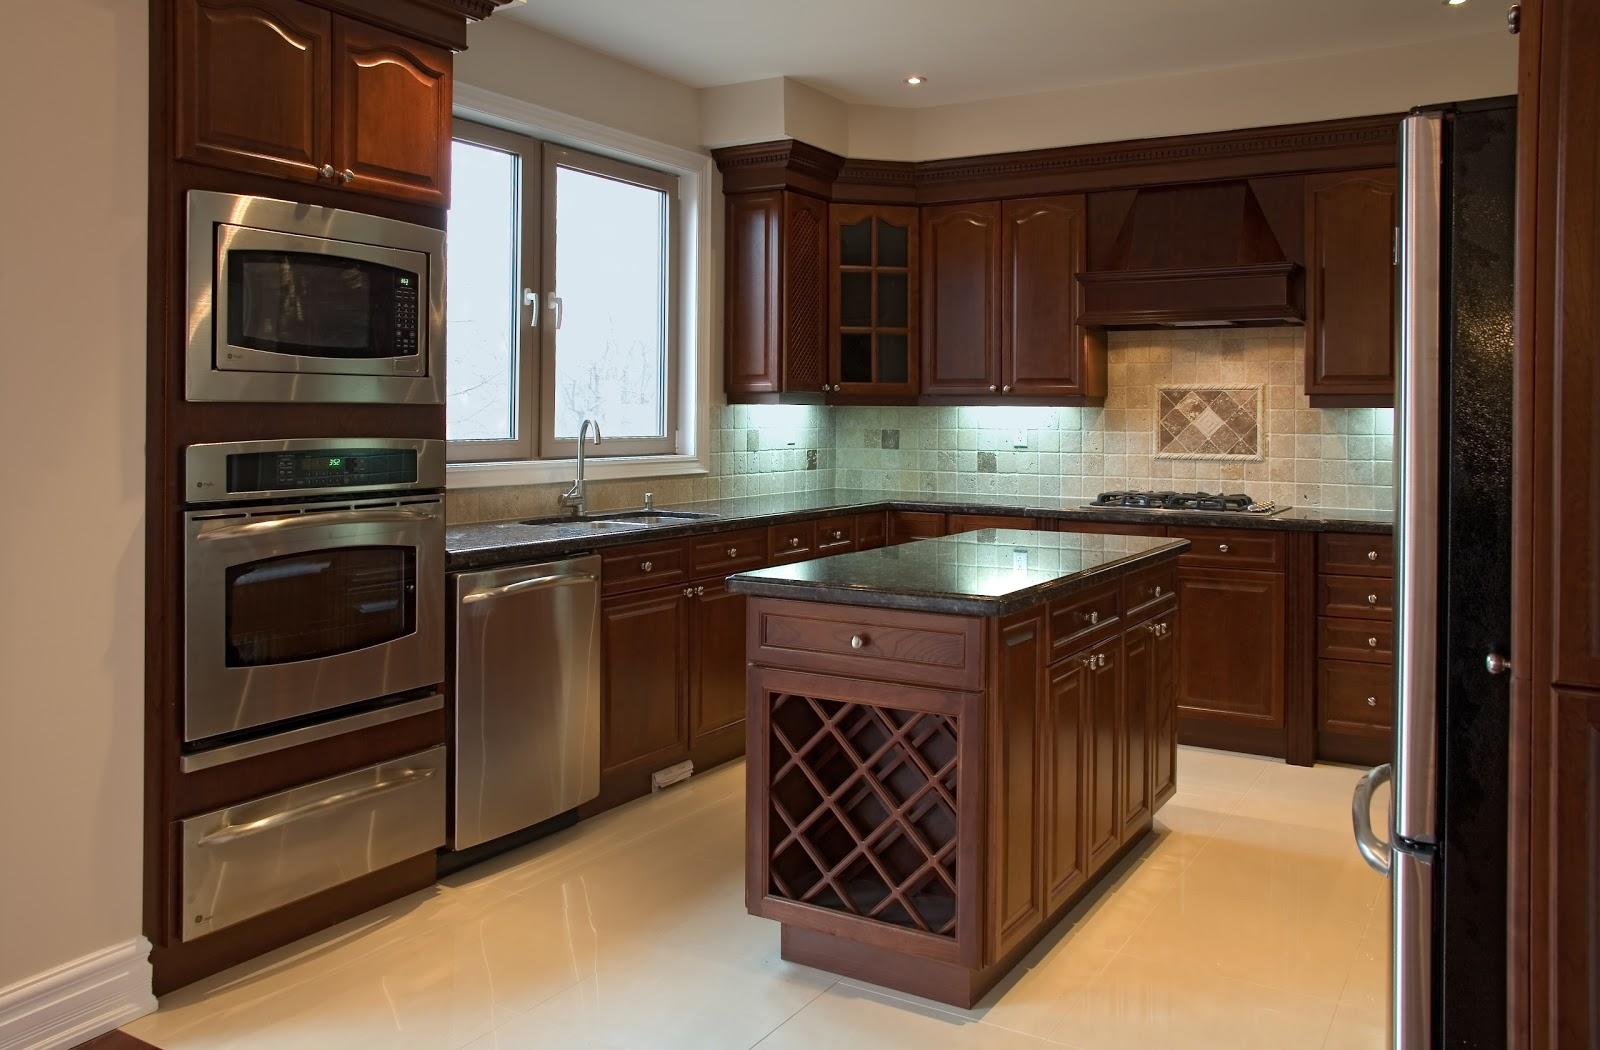 kitchen interior design ideas 94